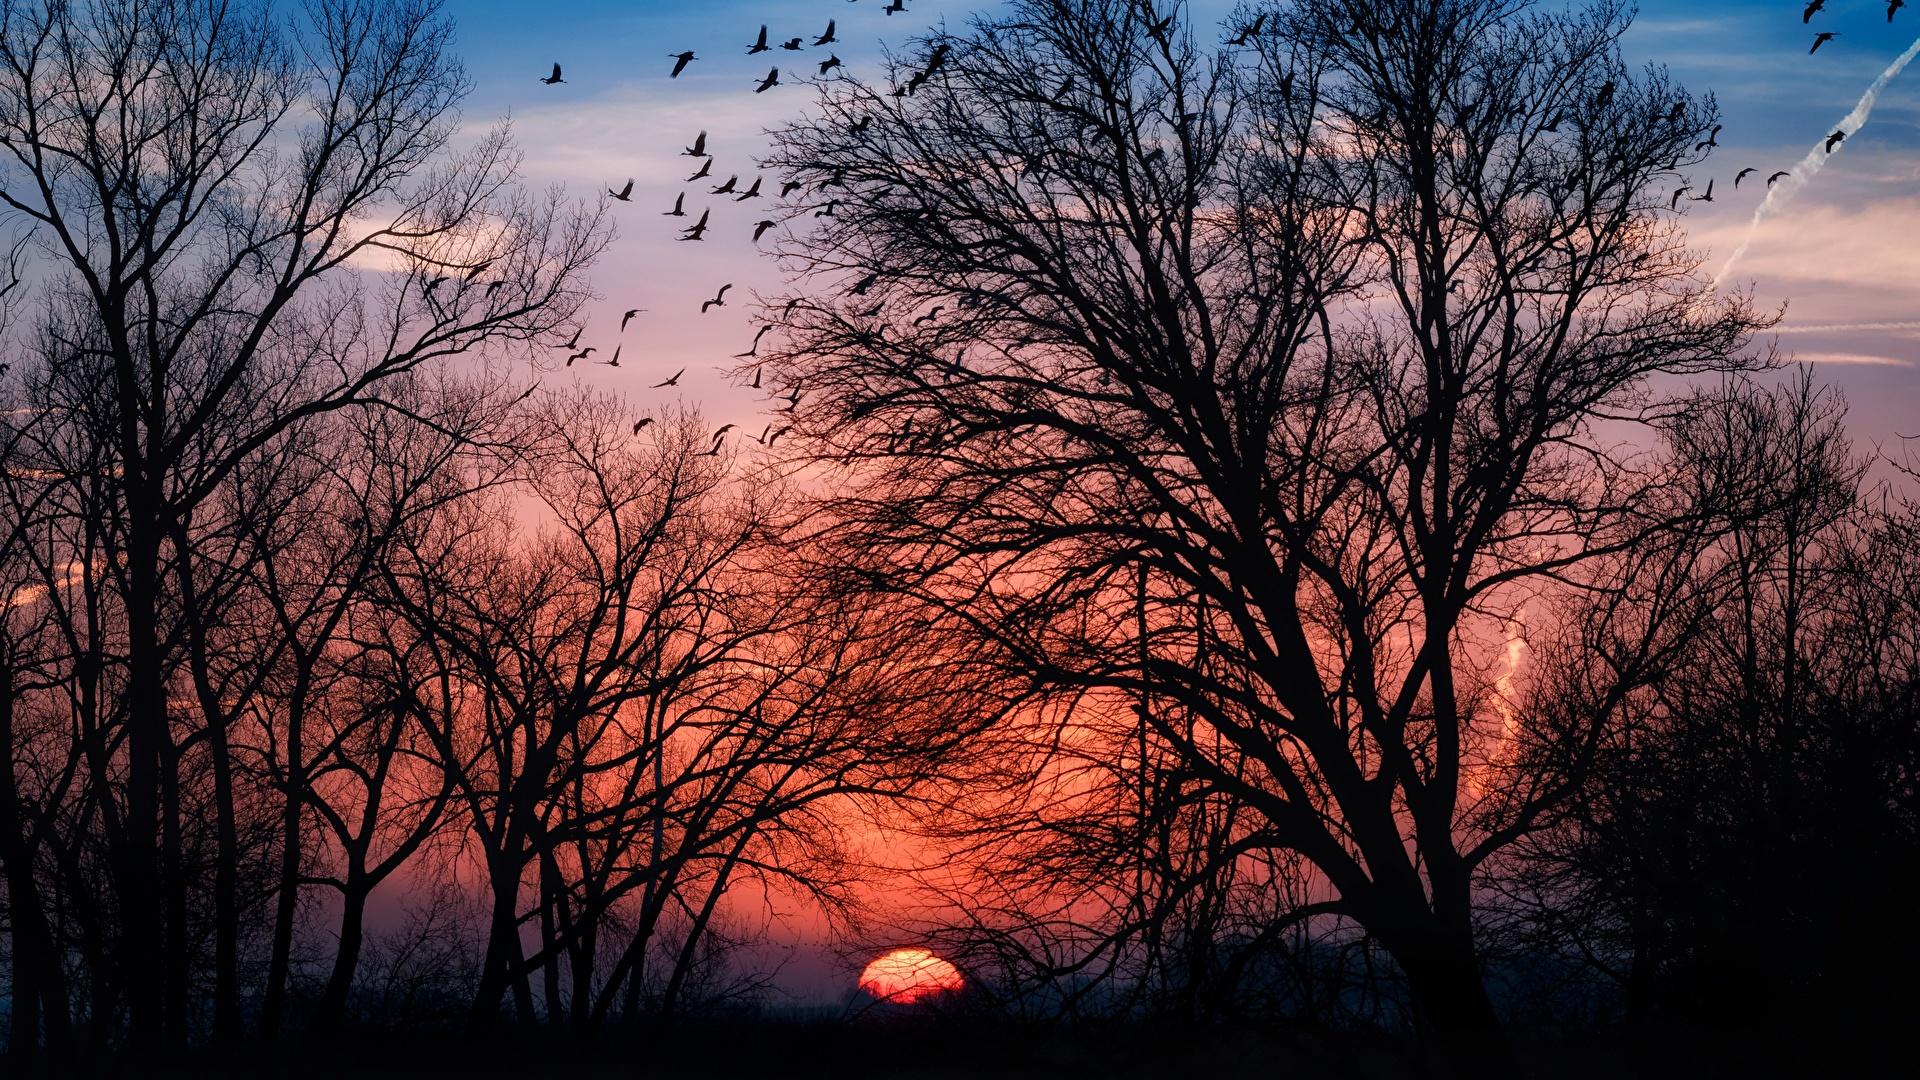 Картинки силуэты Природа Рассветы и закаты ветвь деревьев 1920x1080 Силуэт силуэта рассвет и закат Ветки ветка на ветке дерево дерева Деревья